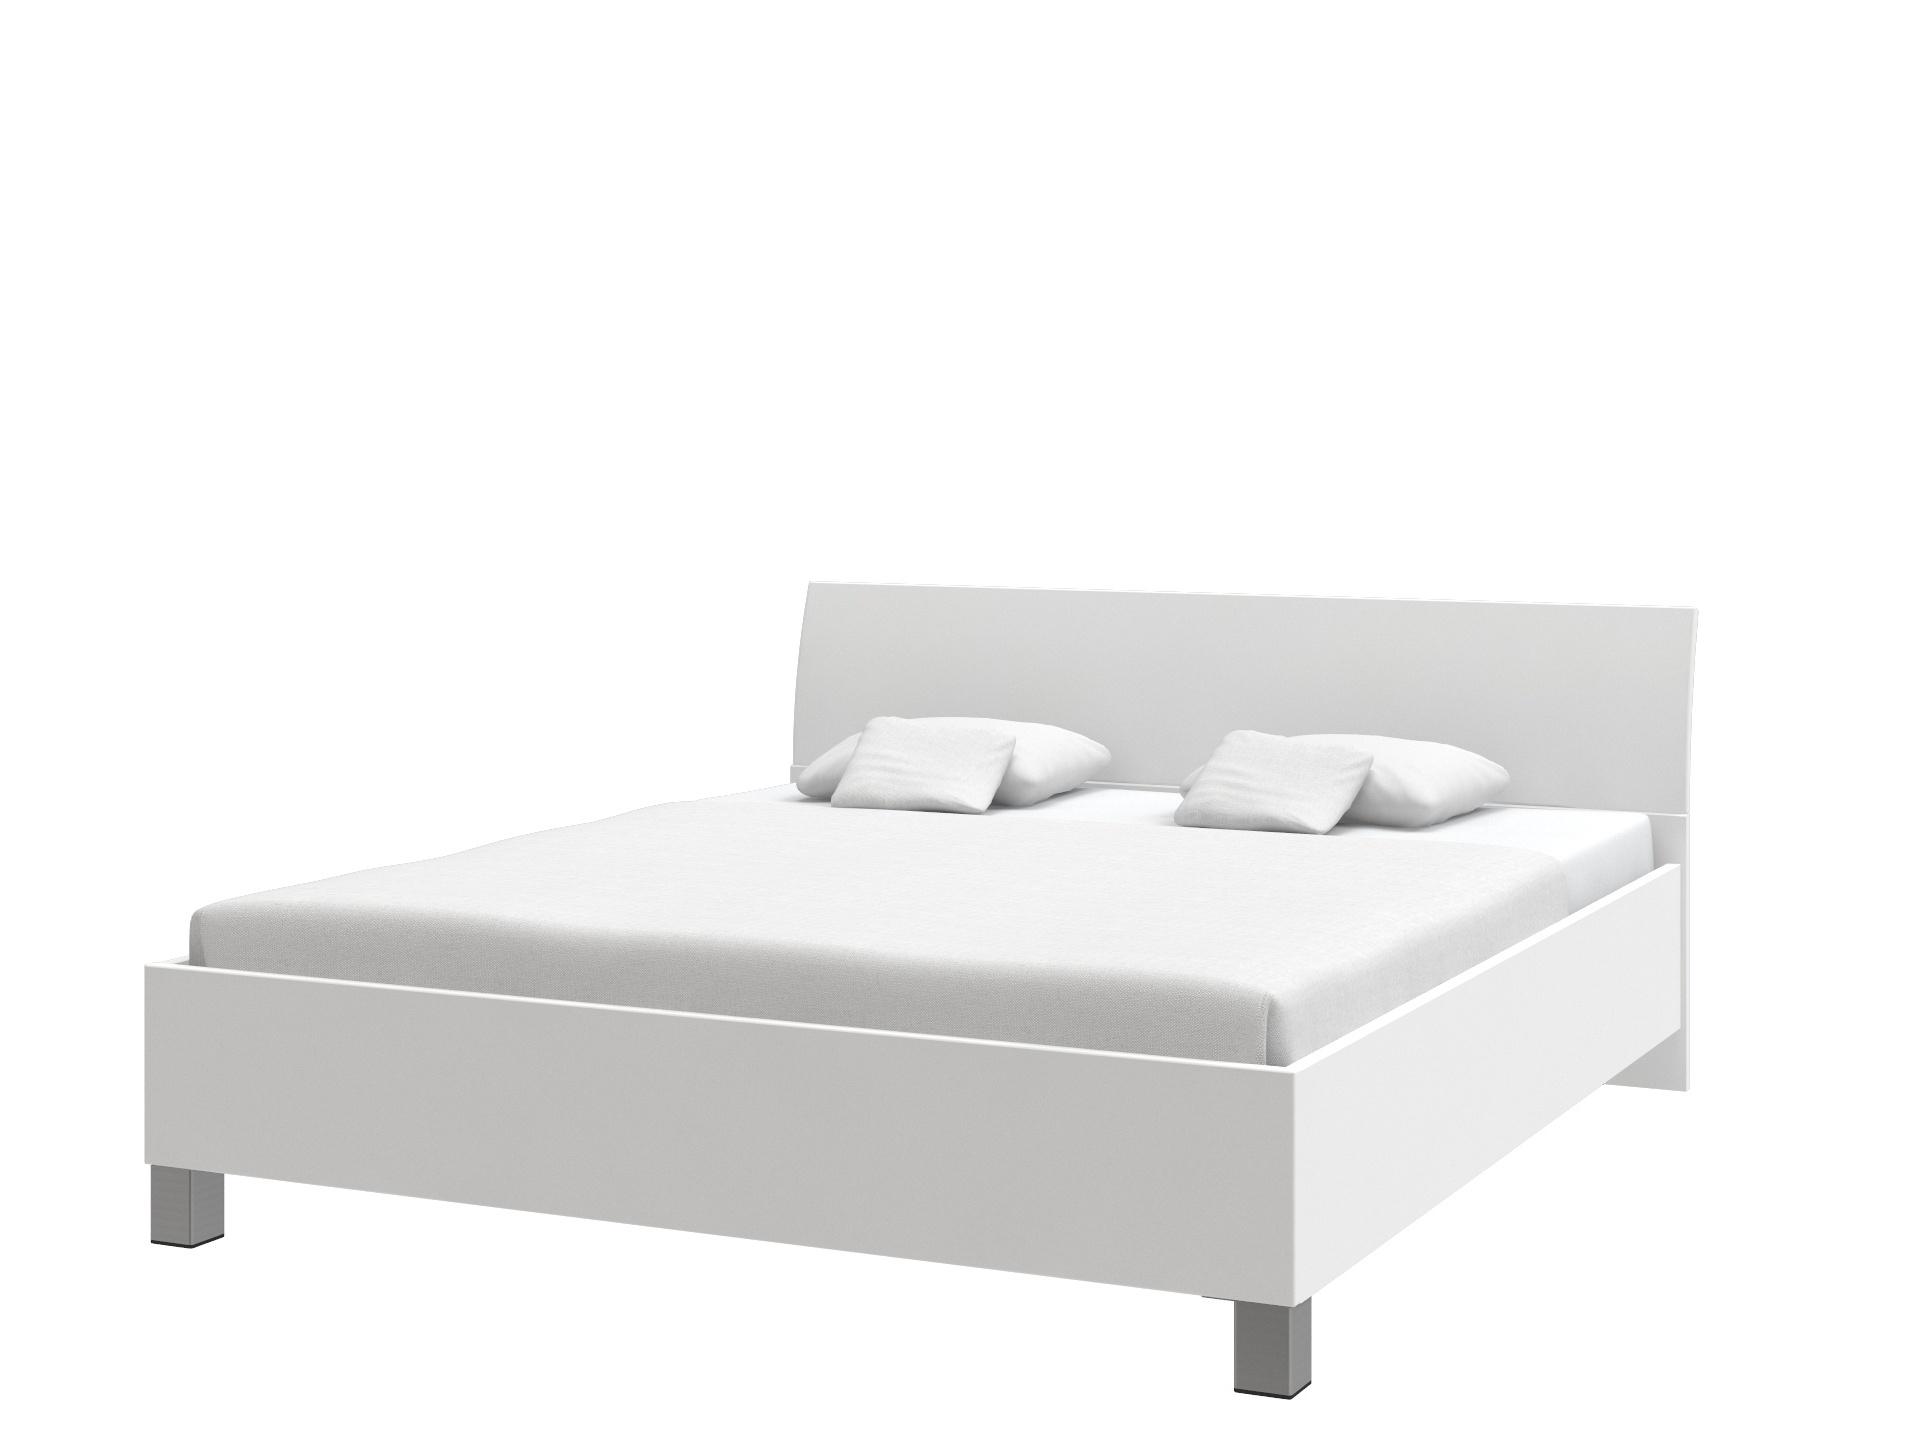 Postel UNO 180x200 cm, bílá arctic